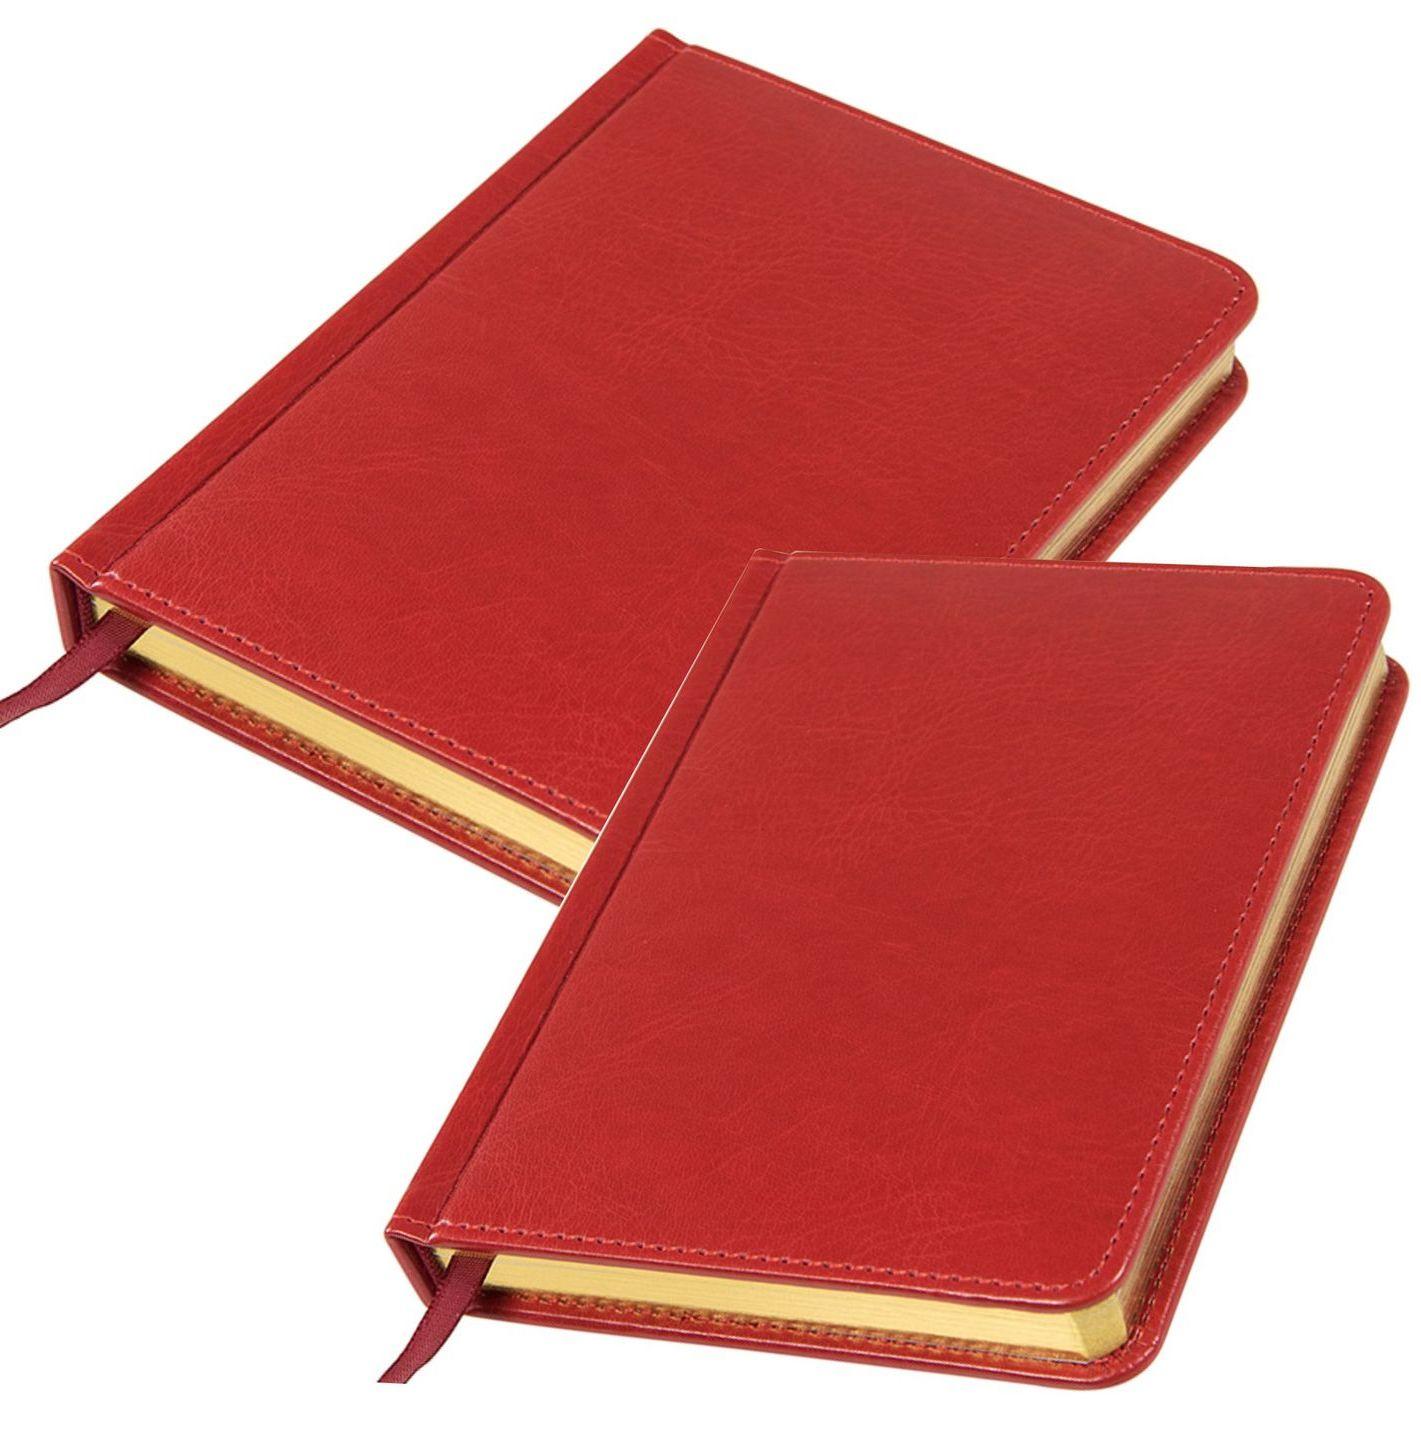 красные ежедневники с золотистым срезом